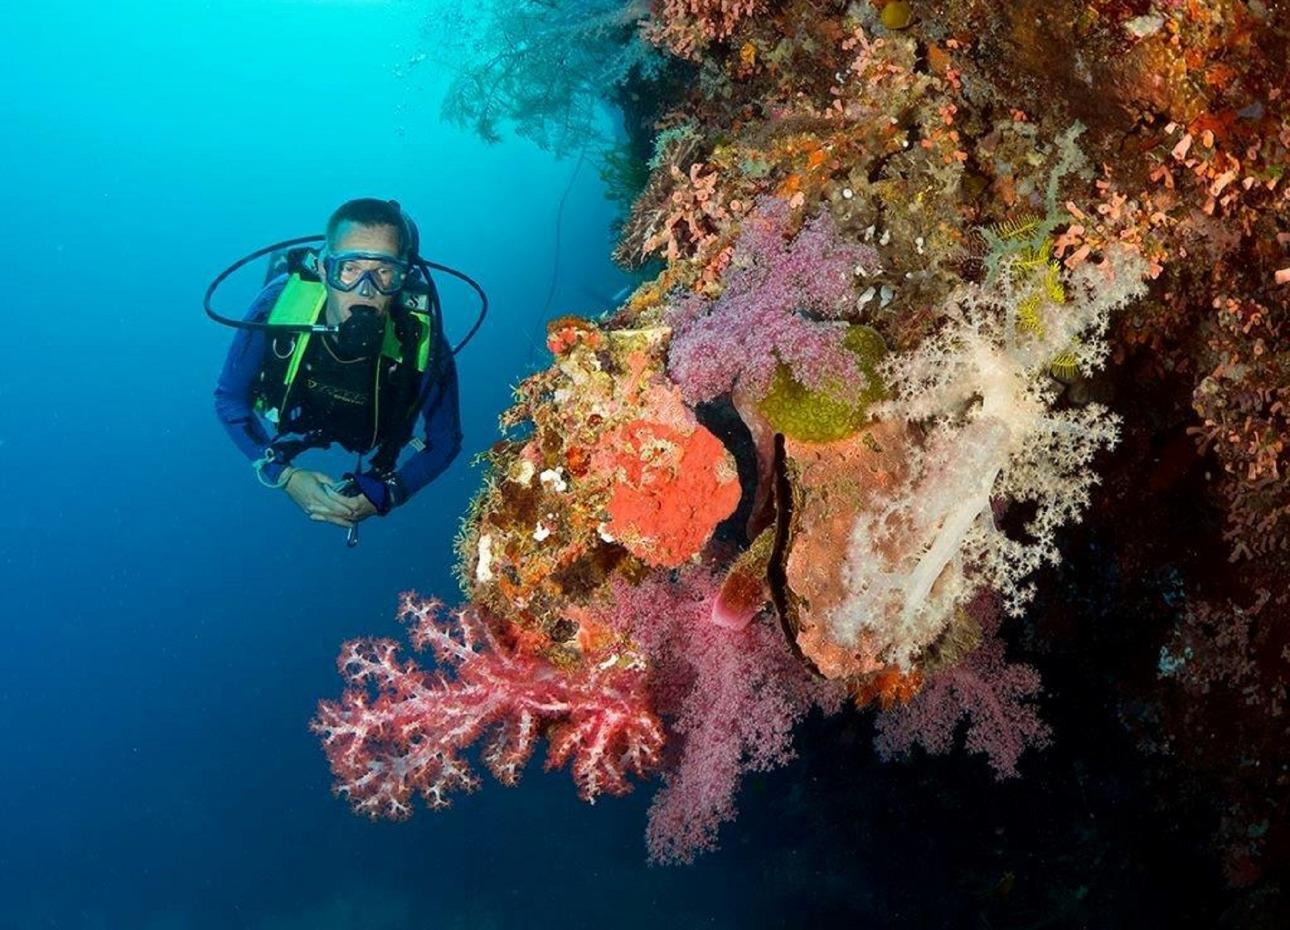 Philippines, Bohol, Magic Oceans Dive Resort, Coral Diver, image